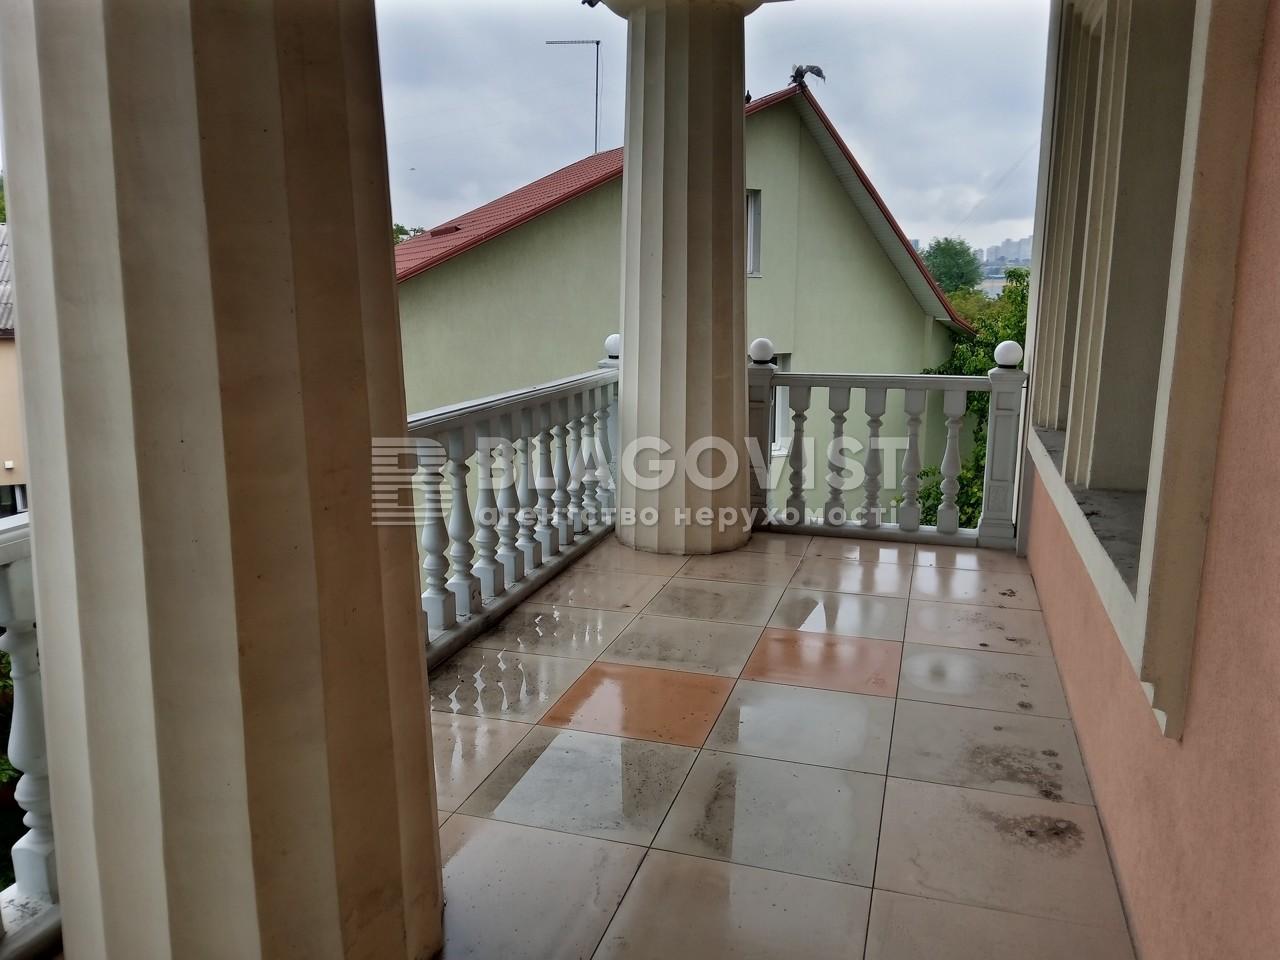 Будинок R-40483, Монтажників, Київ - Фото 35